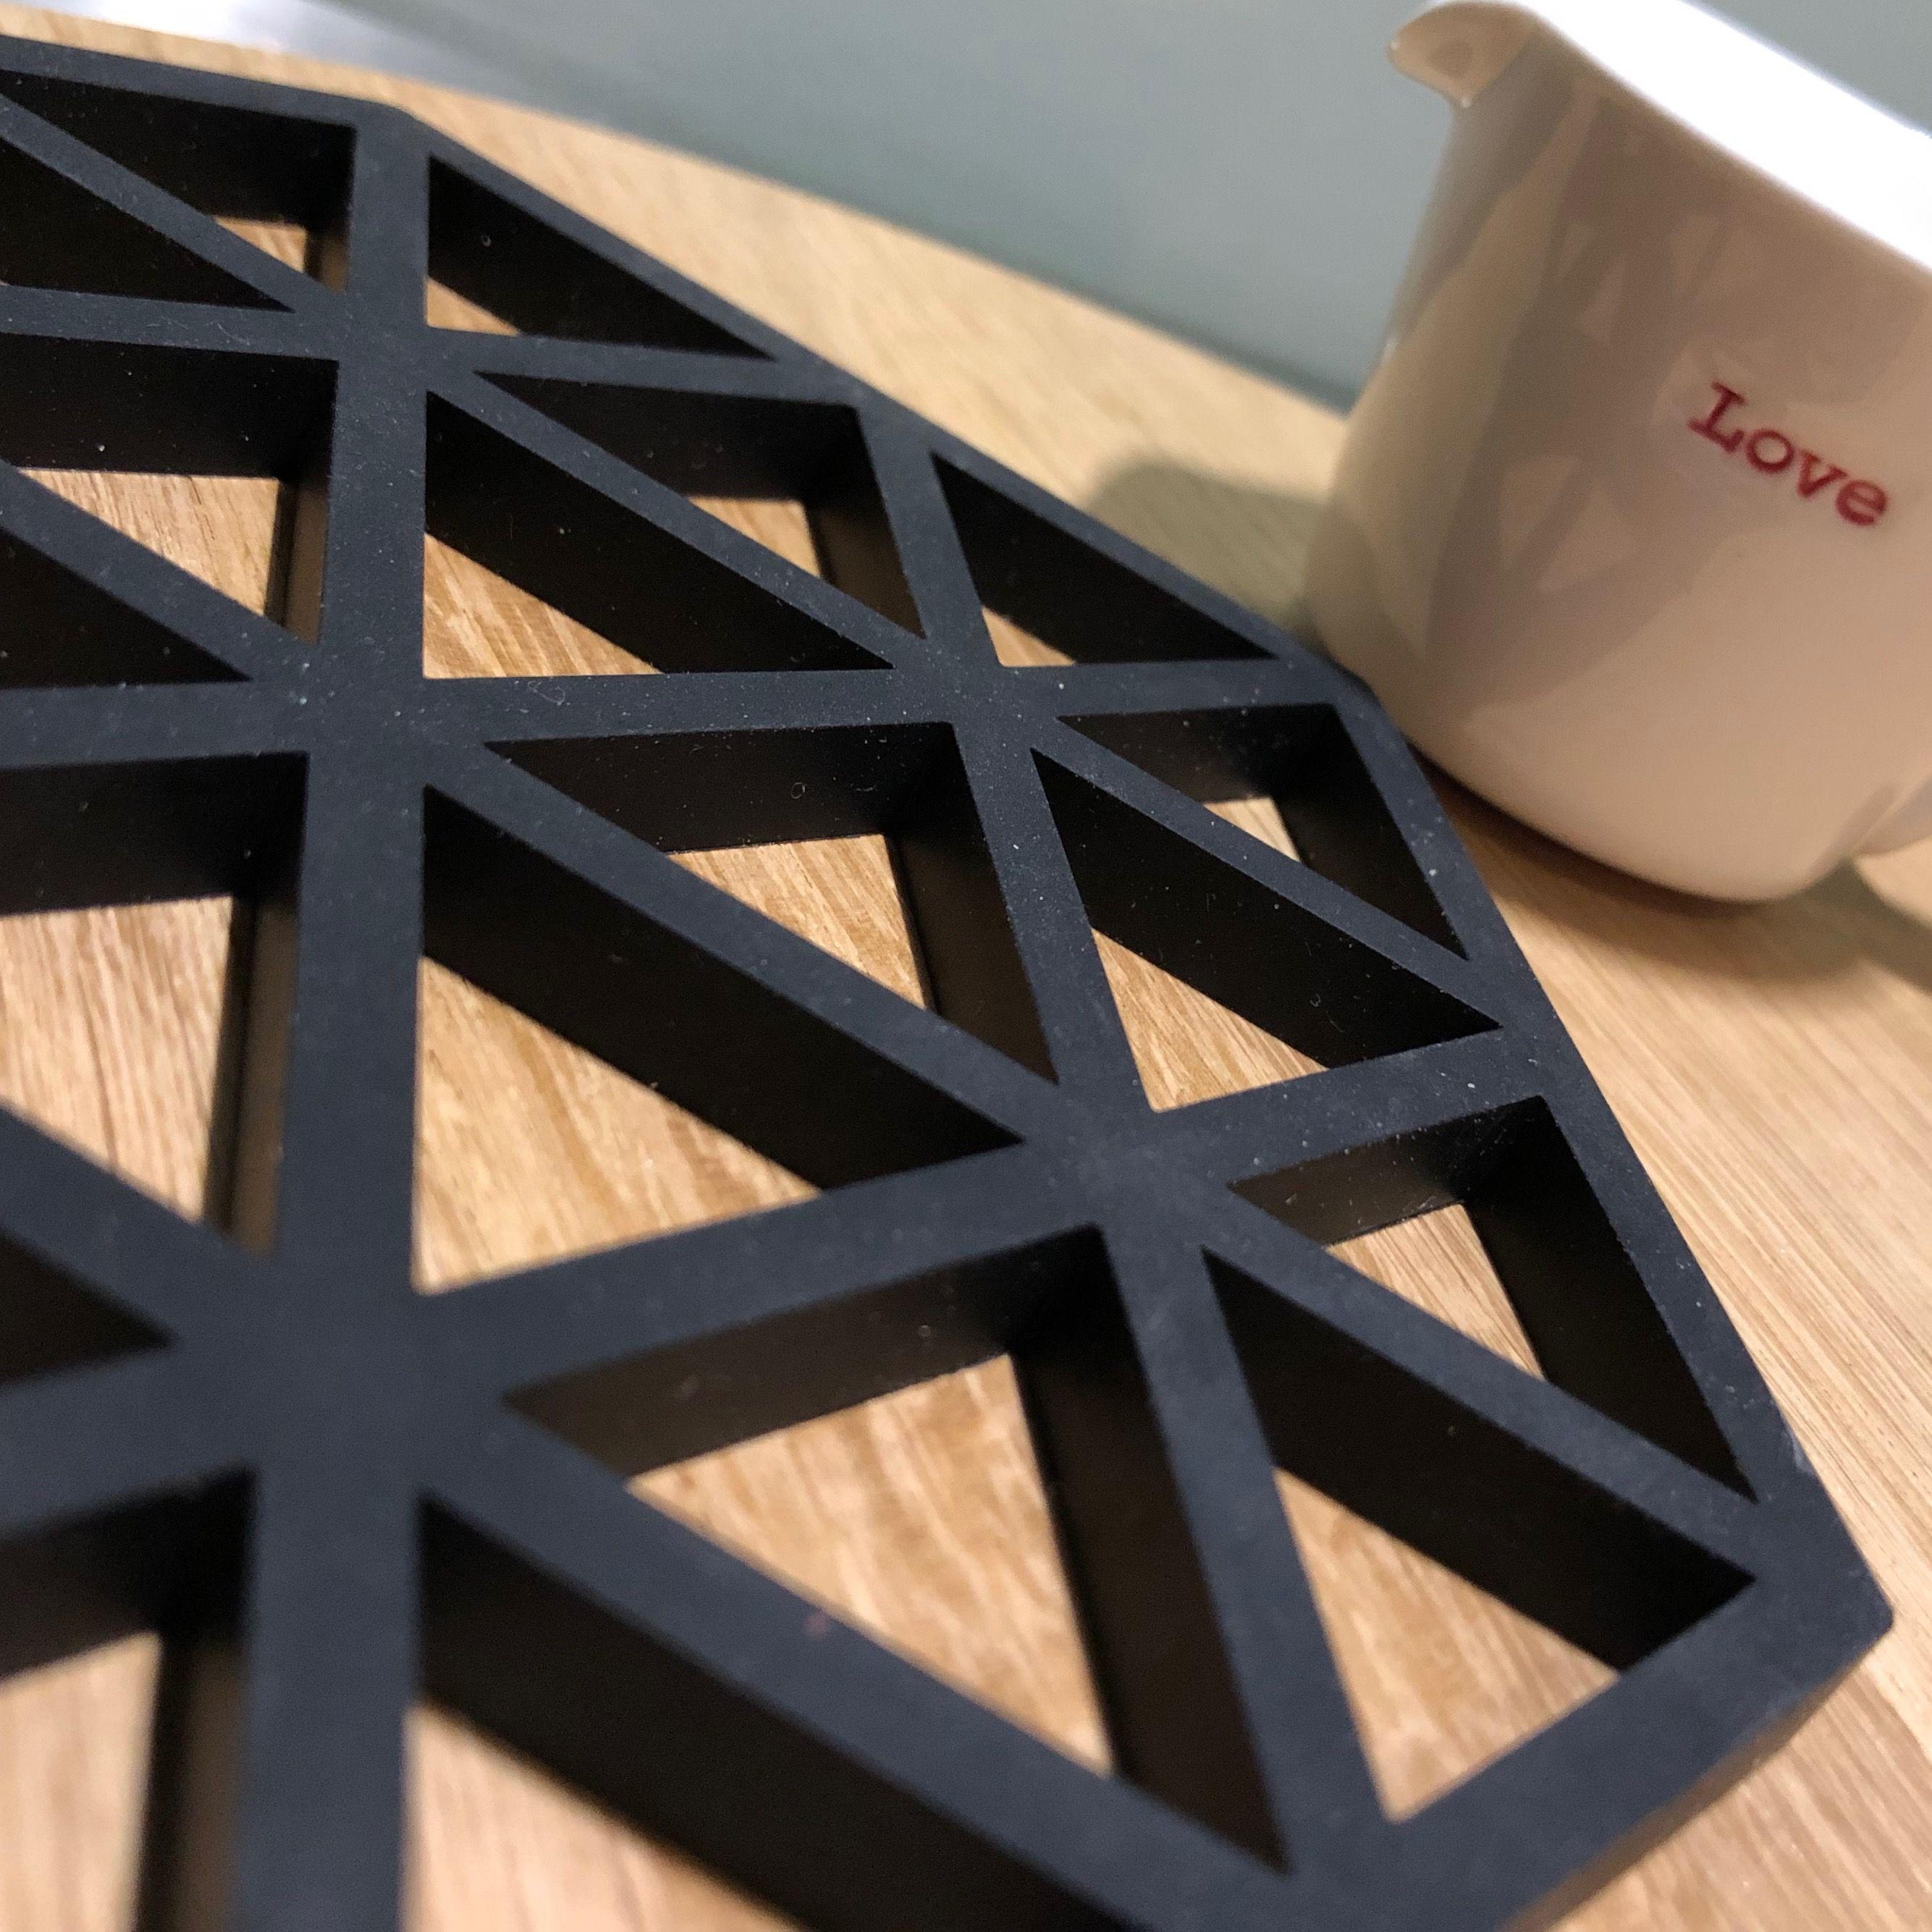 Pin Von Wiwa Concept Auf Wiwa Concept Tisch Kuche Schone Zuhause Zuhause Wohnaccessoires